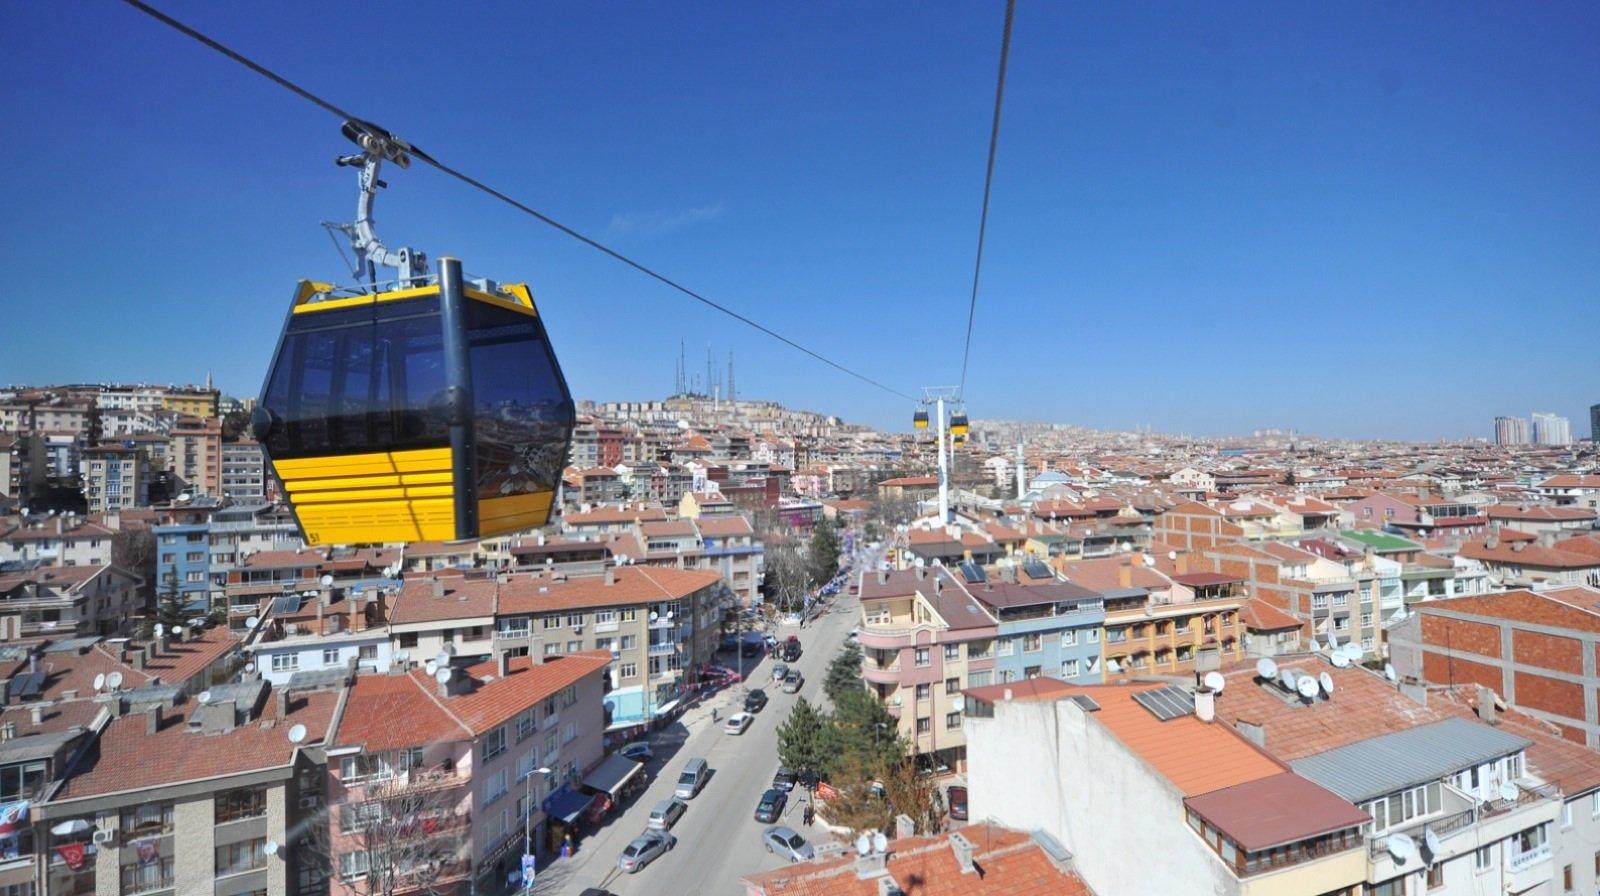 Mit 3228 Metern ist die Seilbahn in Ankara die längste horizontale in Eurasien.